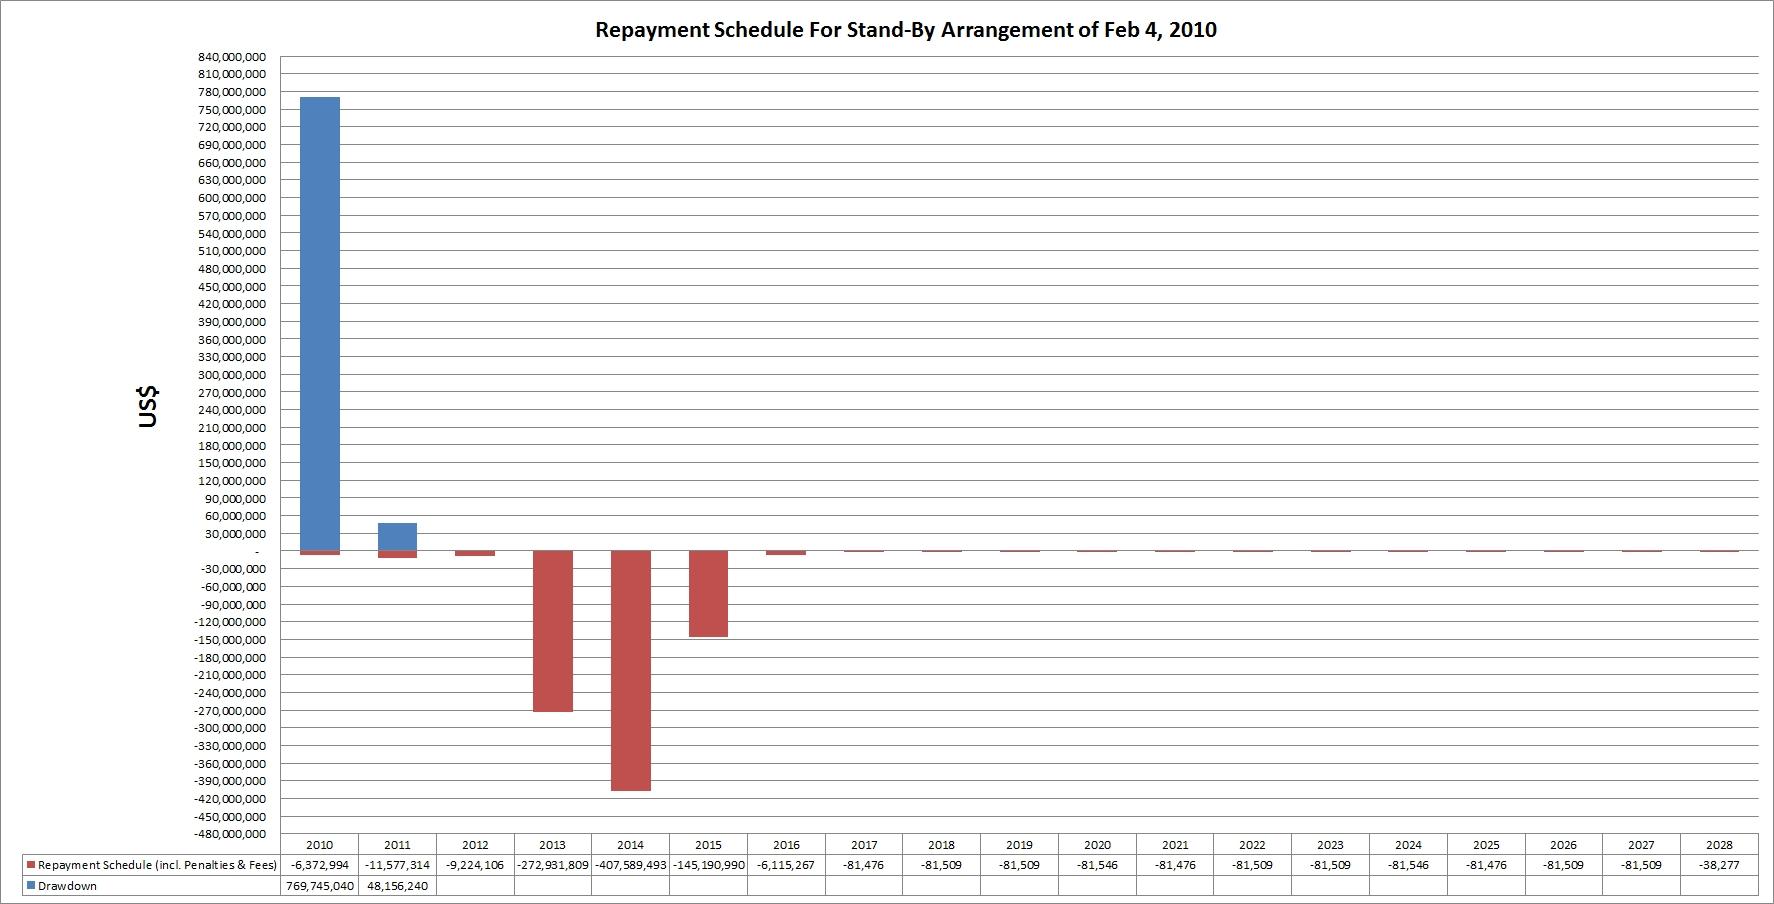 Jamaica_IMF_repayment_schedule_2010SBA